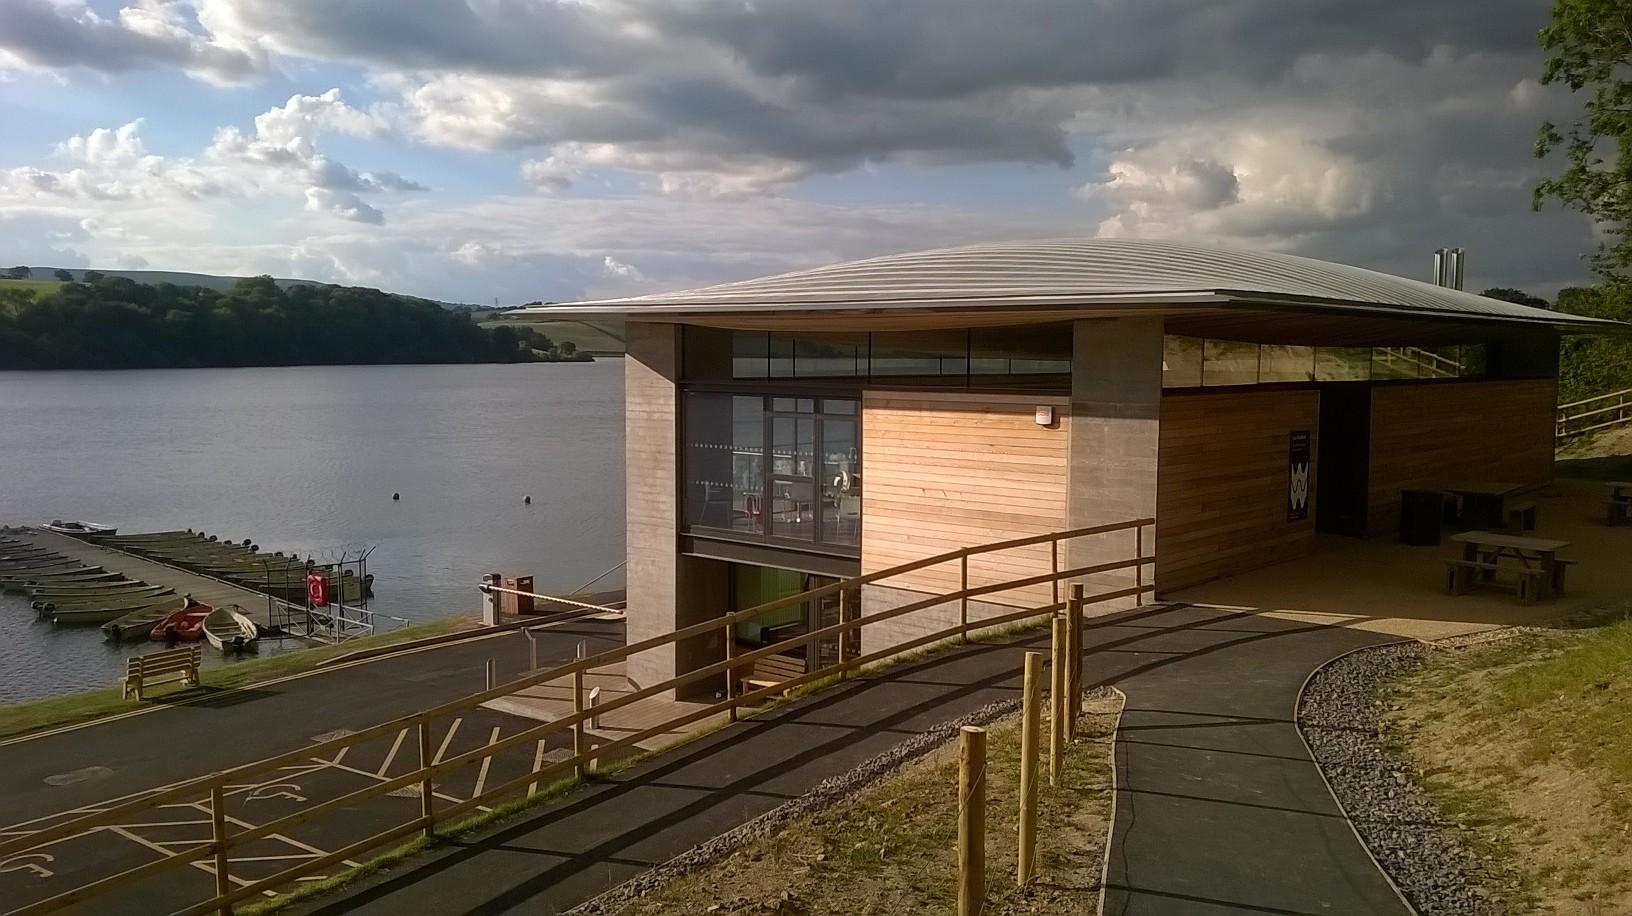 The Award Winning Visitor Centre at Llandegfedd Reservoir